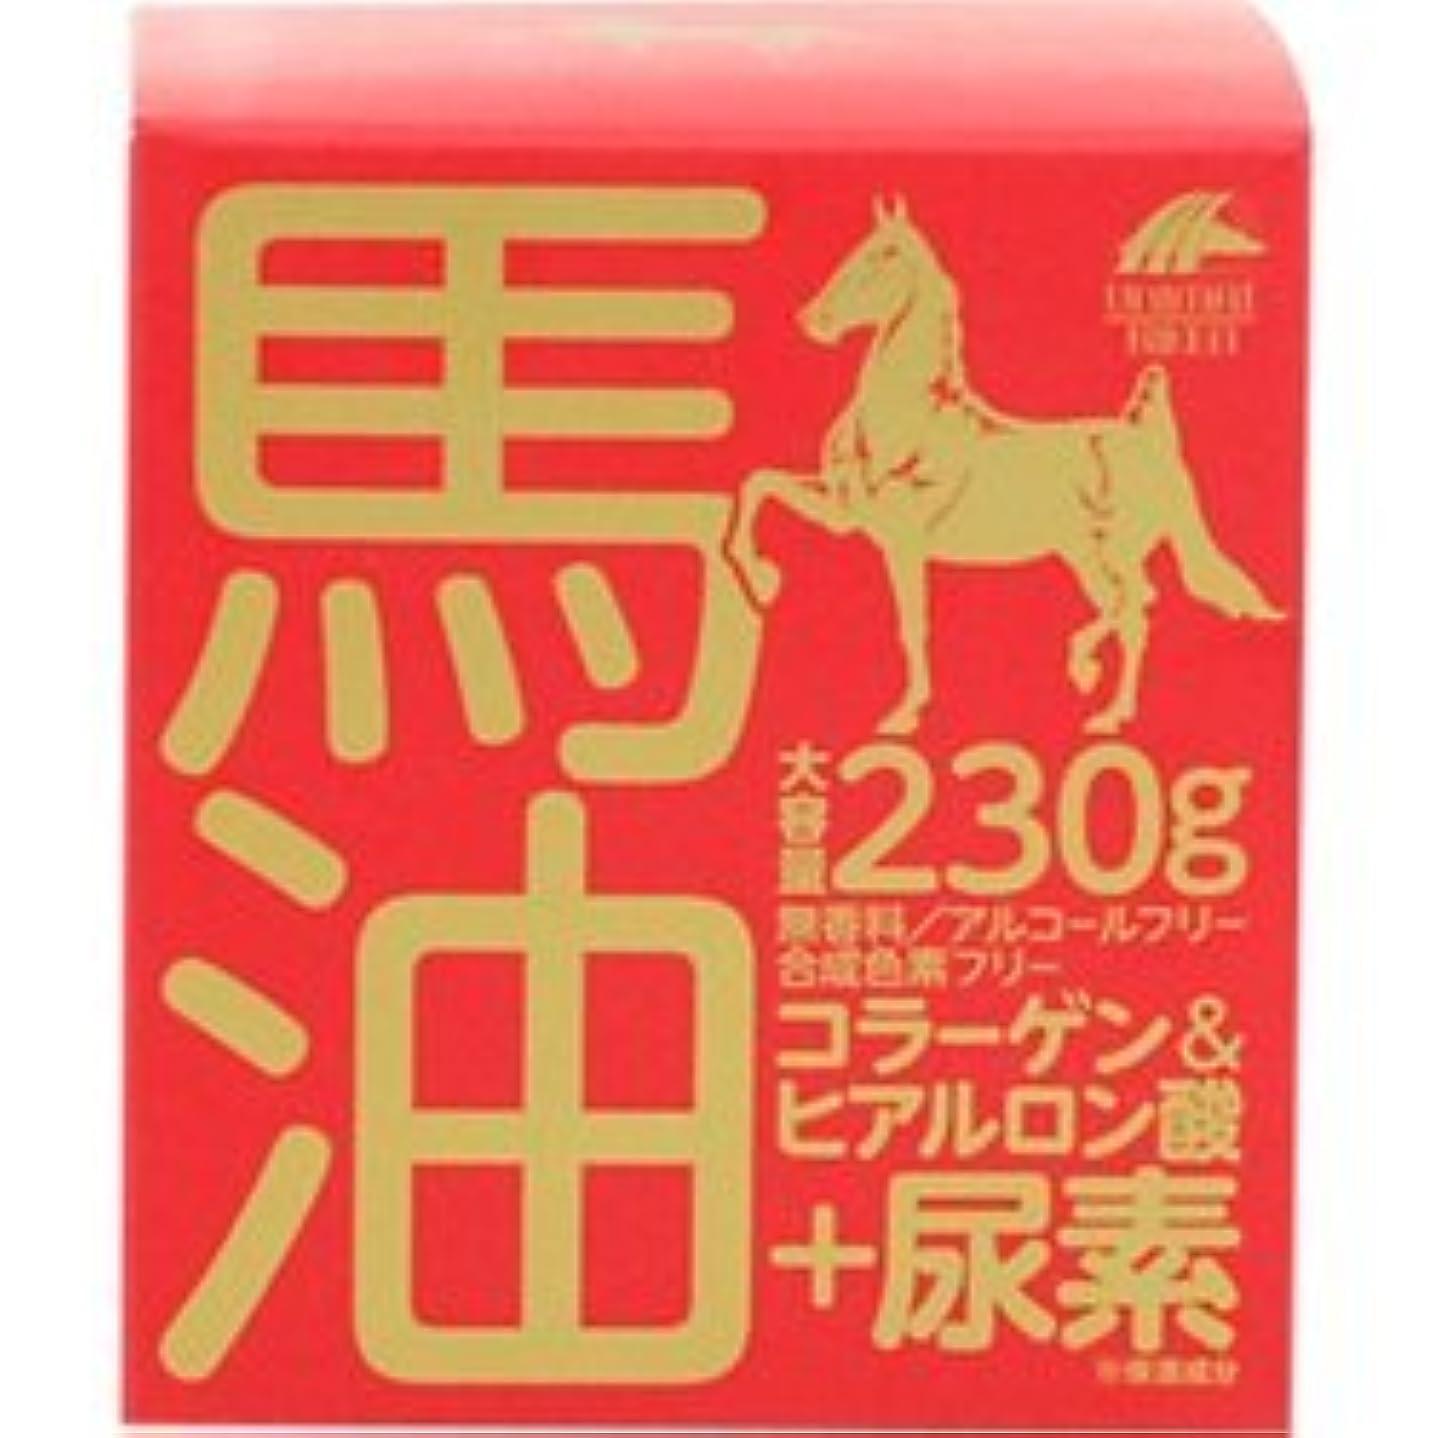 欠乏起訴するコントラスト【ユニマットリケン】馬油クリーム+尿素 230g ×10個セット